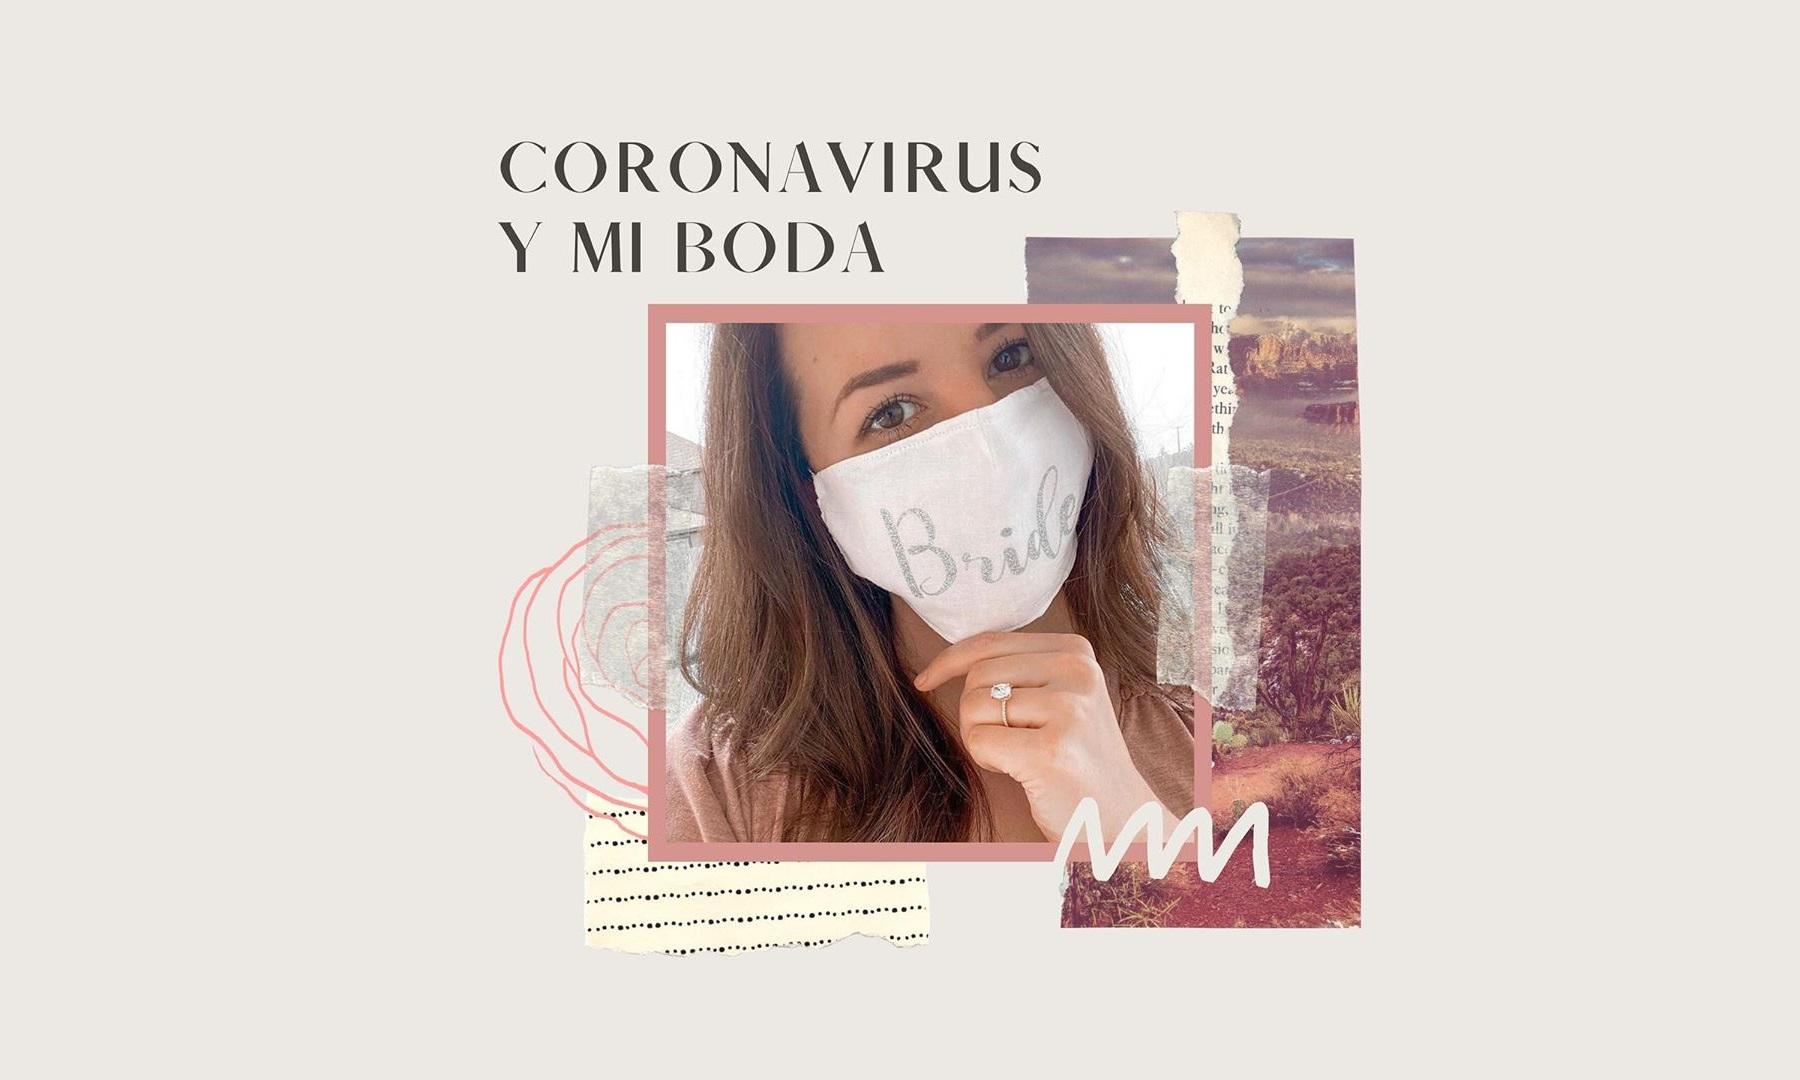 Consejos sobre Corona Virus - Amor en tiempo de coronavirus amorquemotiva instagram